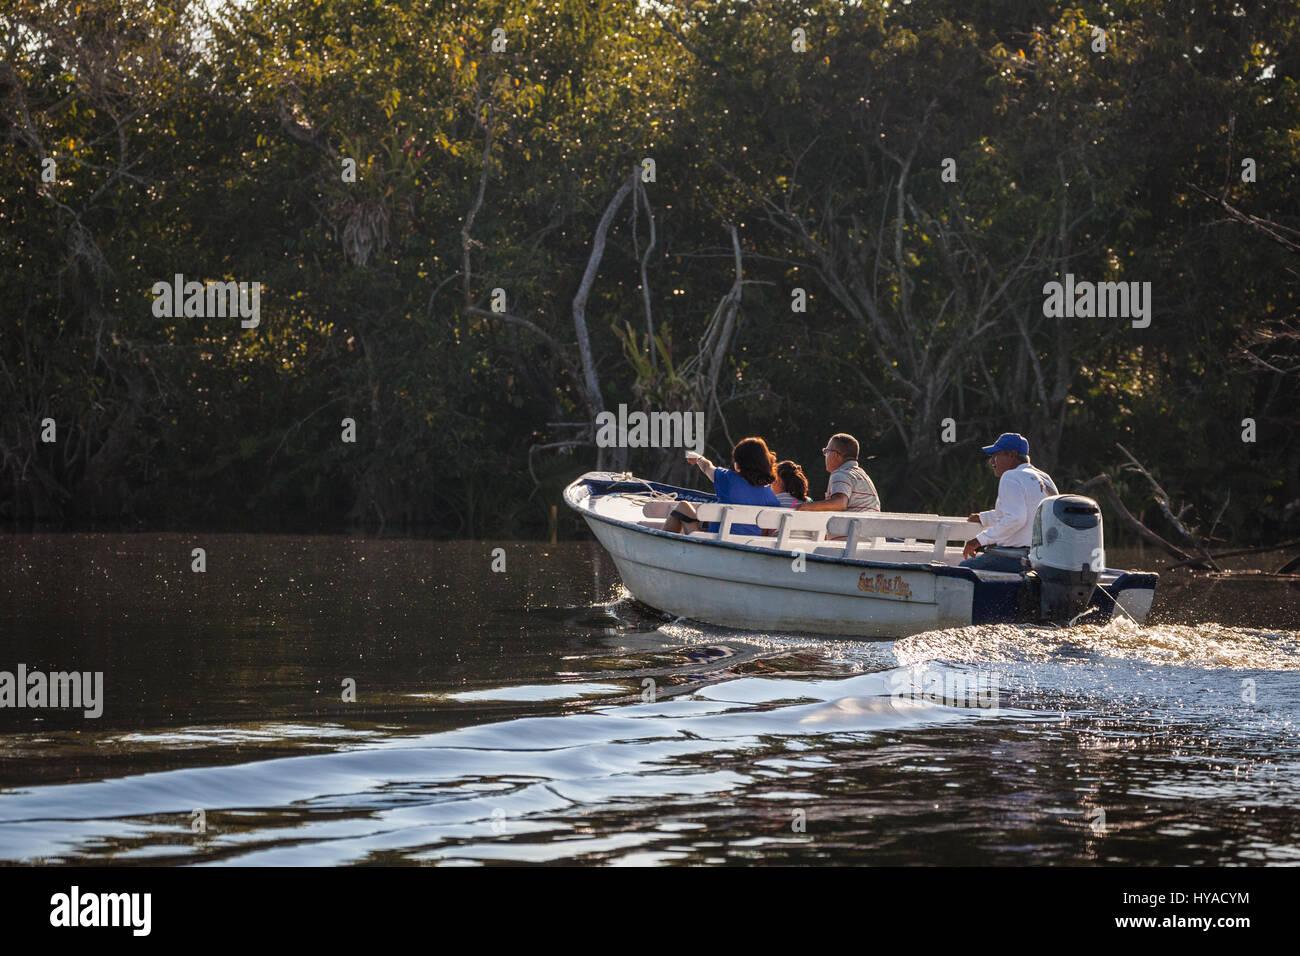 Un bateau d'excursion dans la faune certains sites Tovara Parc naturel dans la région de San Blas, au Mexique. Photo Stock